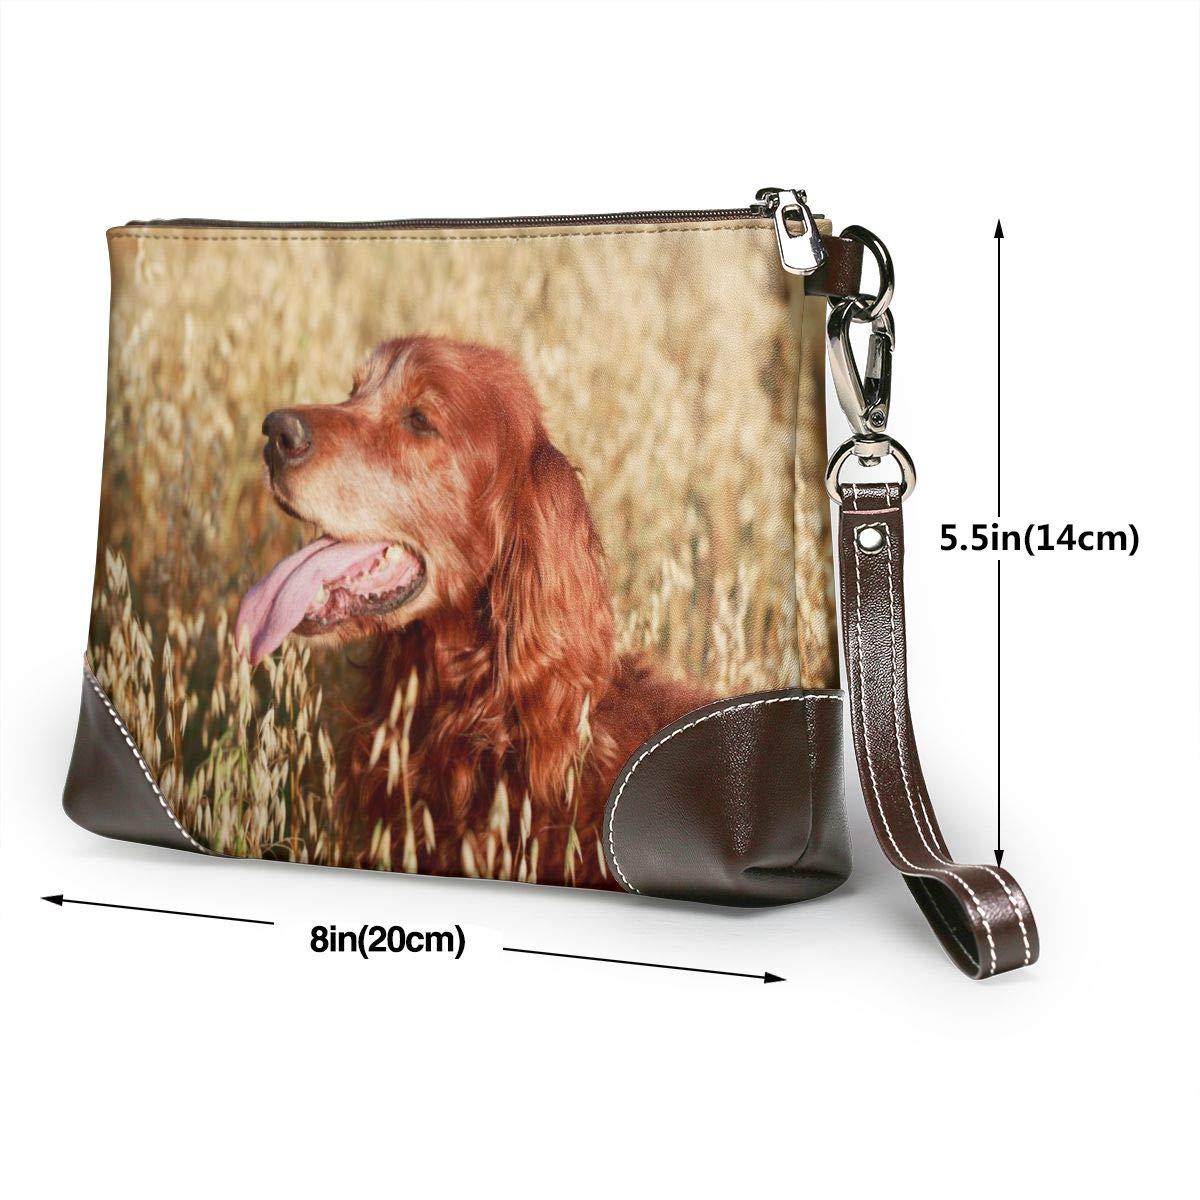 Retro orientalisk flicka husdjur hund säng matta mjuk halkfri lyxig kennel dyna finns i flera stilar storlekar Red Irish Setter